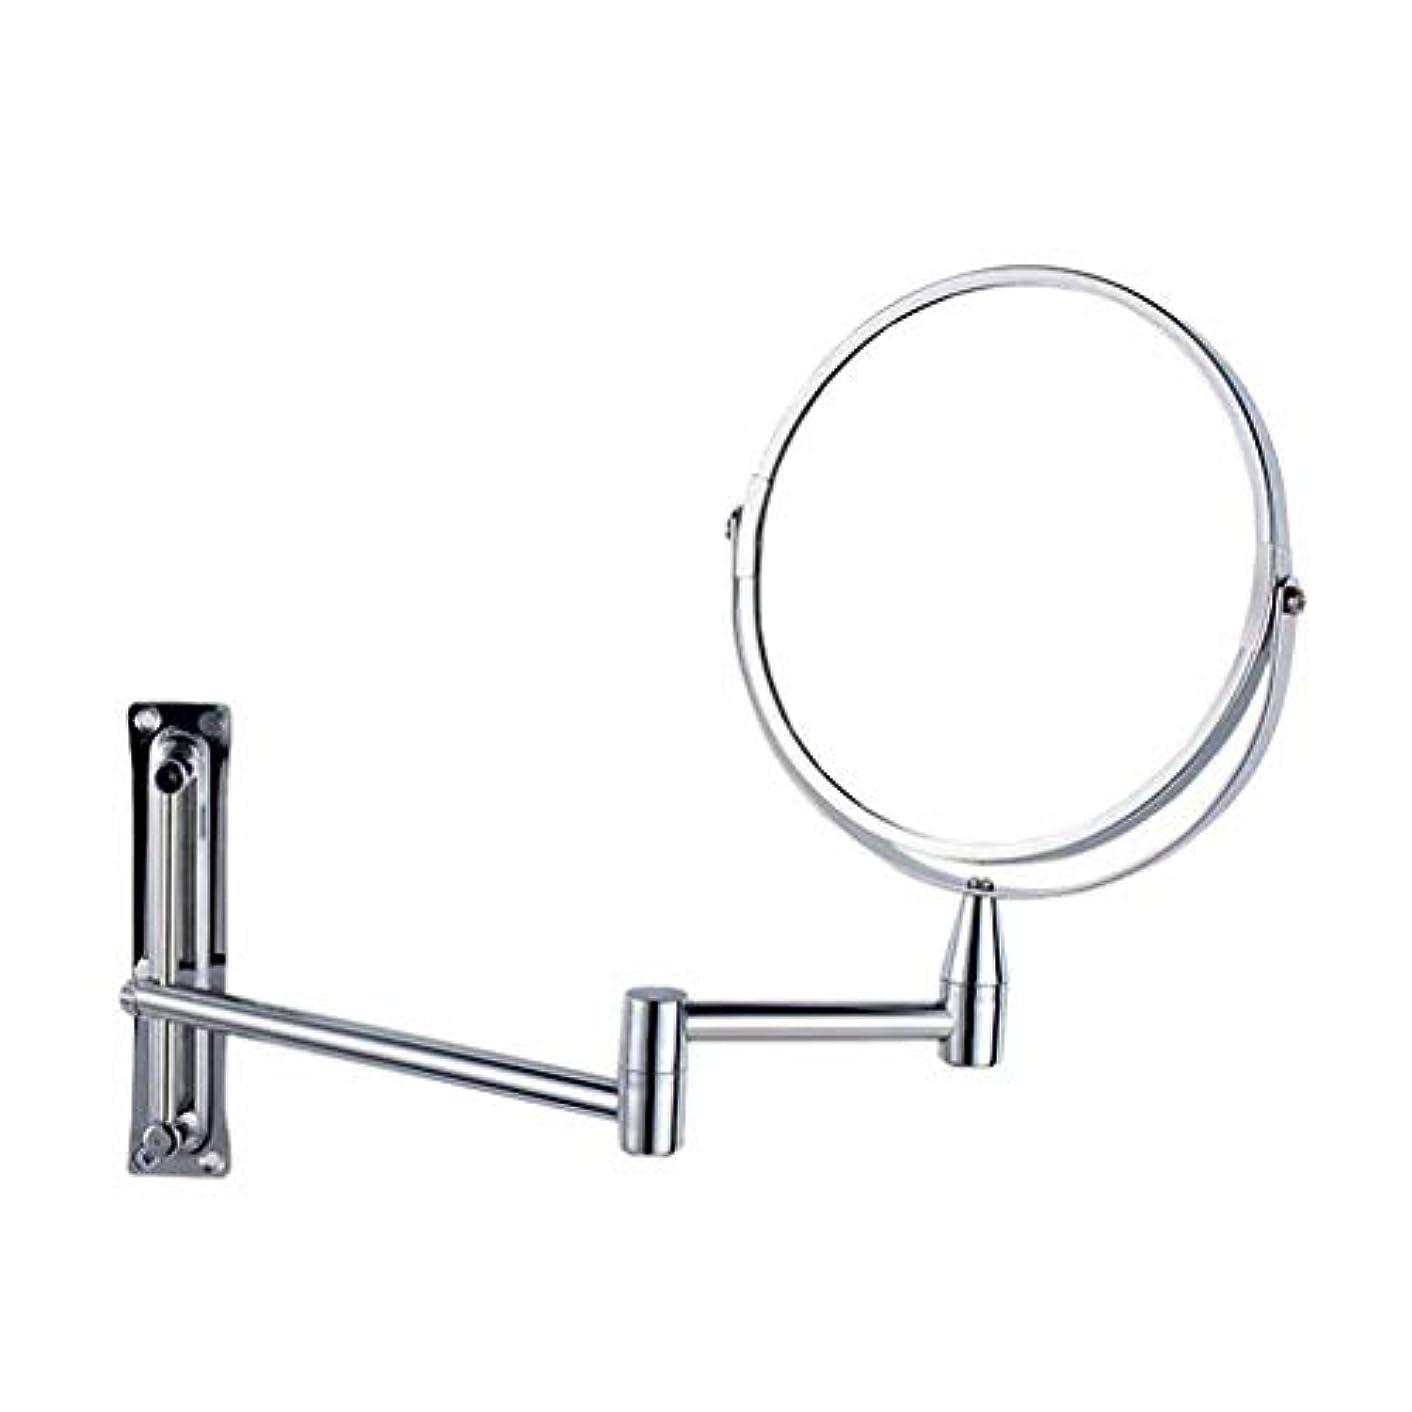 悪因子オークランド社員ACMEDE 両面化粧鏡 壁付け 折りたたみ 5倍拡大鏡+等倍 360度回転 伸縮可能 壁付けミラー 洋式アームミラー メイク道具 洗面所に取り付け